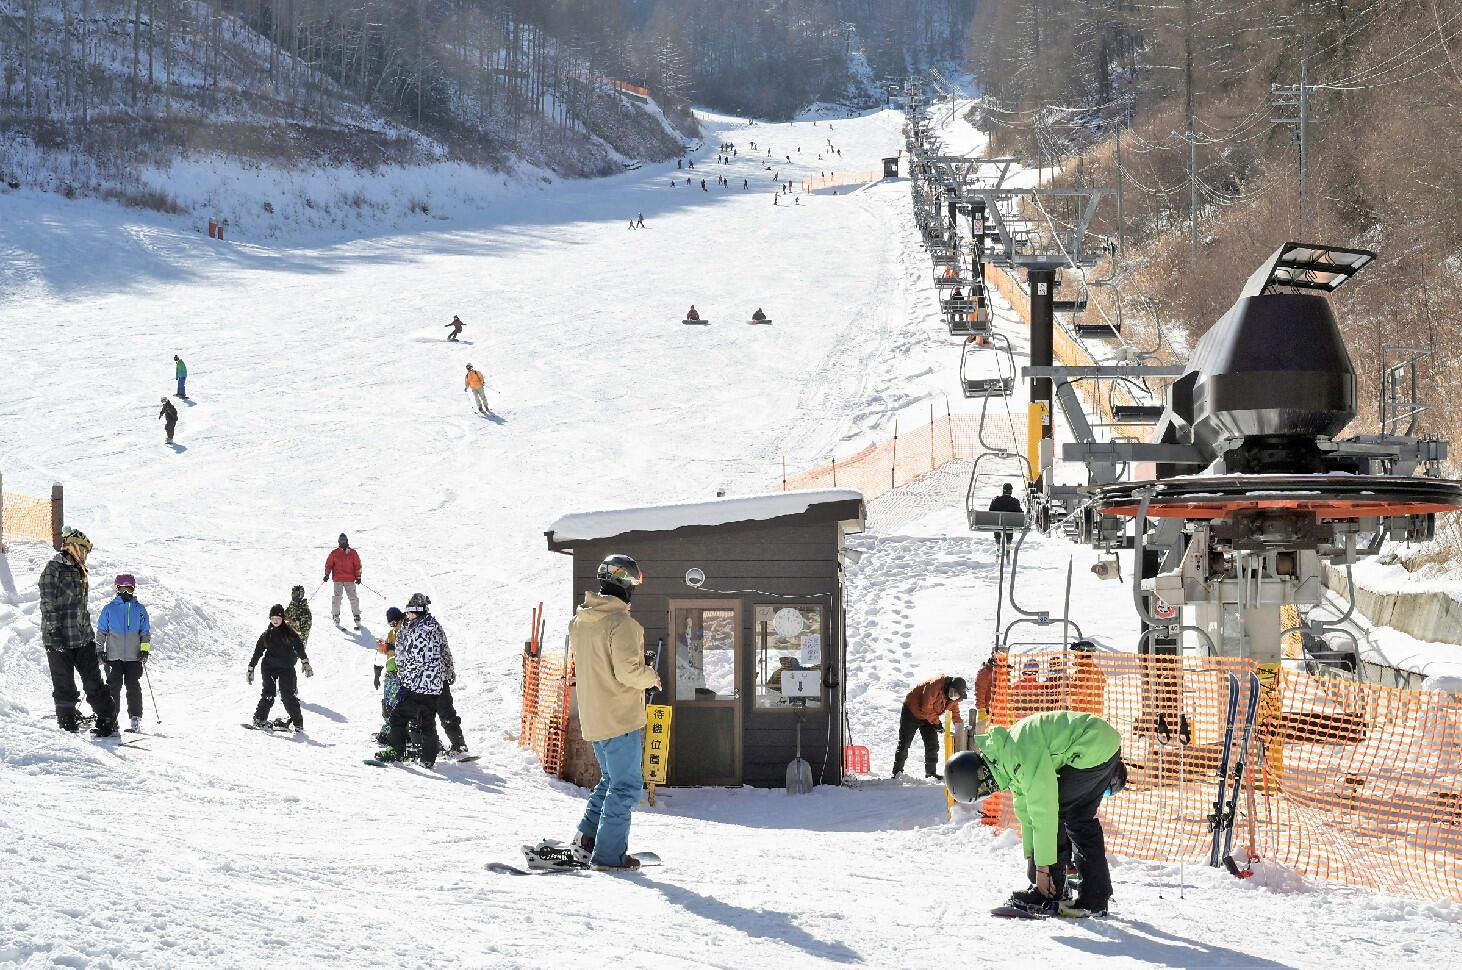 2季ぶりにオープンした武石番所ケ原スキー場でスキーやスノーボードを楽しむ人たち